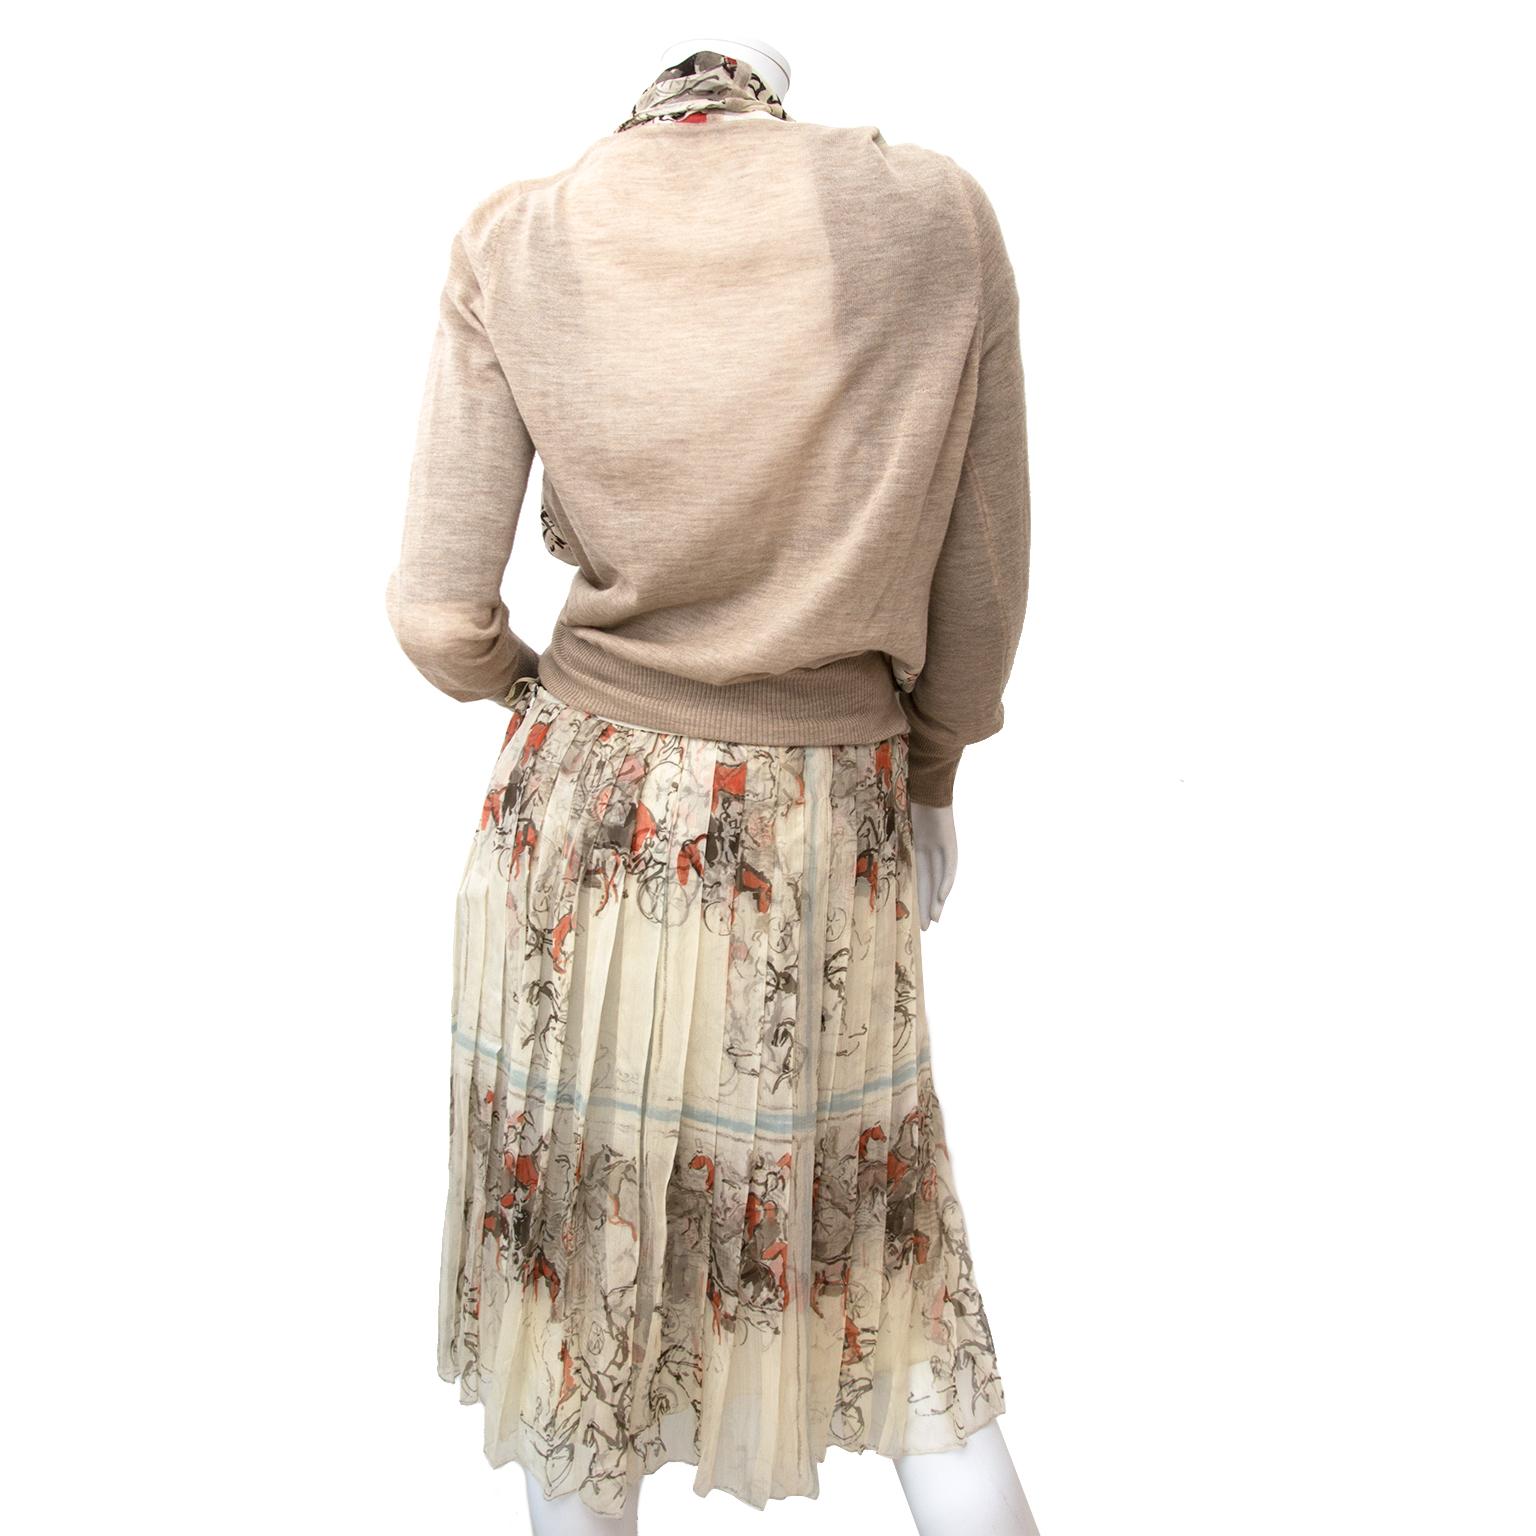 Hermes setje rok en bloes nu te koop bij labellov.com tegen de beste prijs